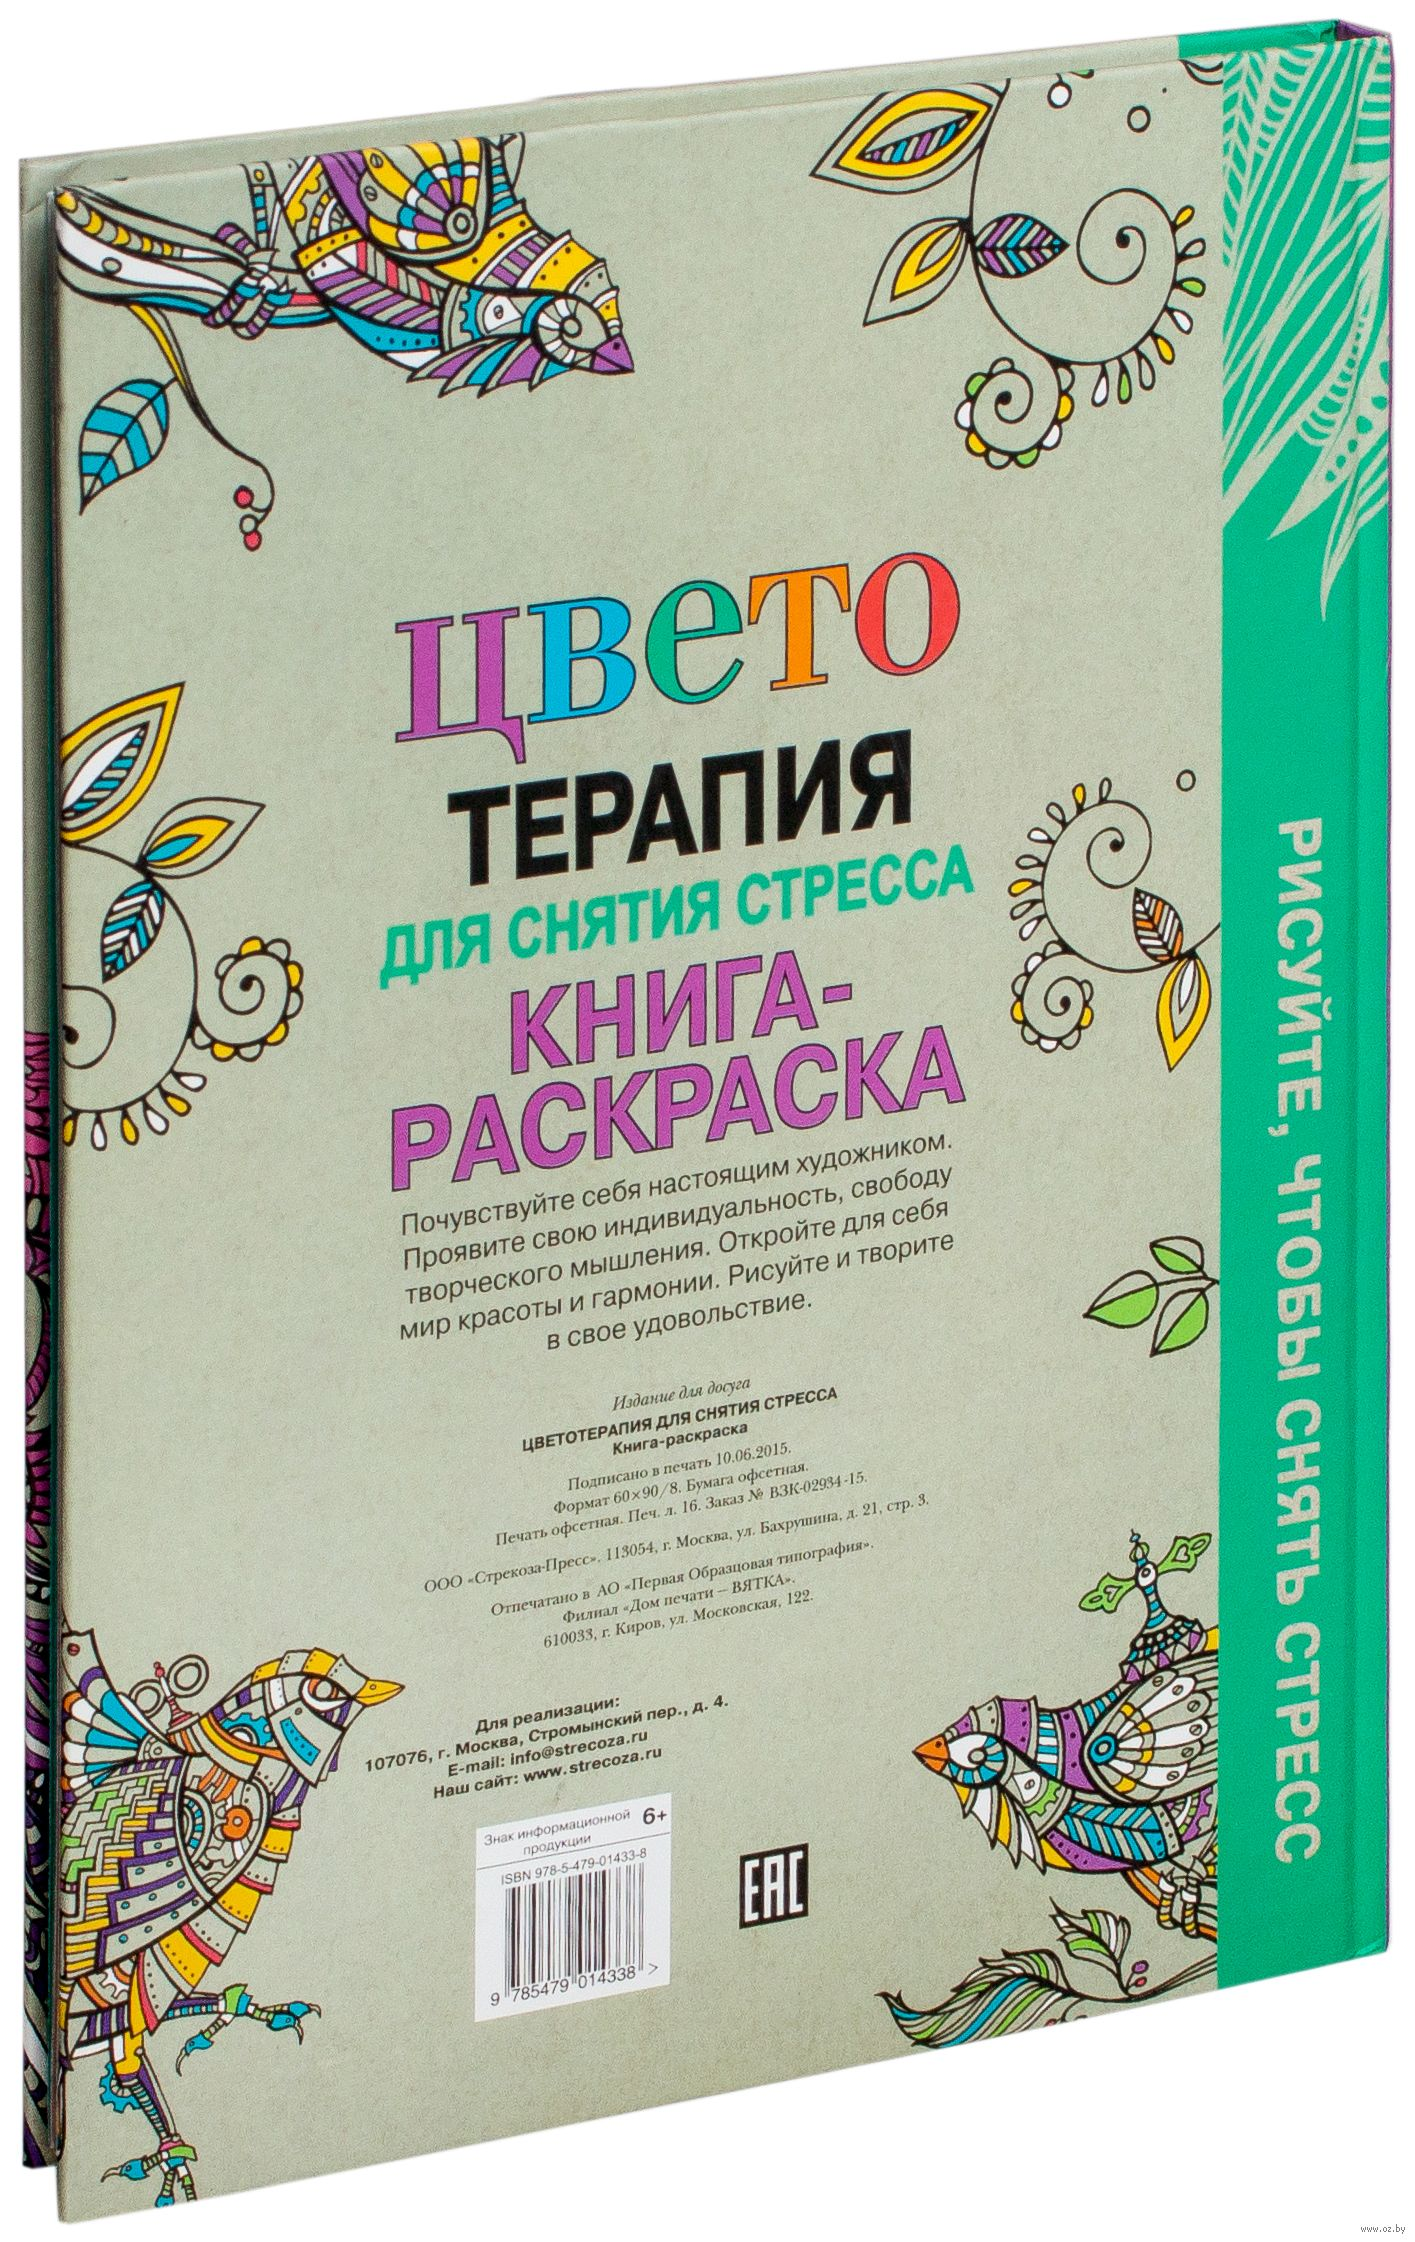 книга раскраска цветотерапия для снятия стресса